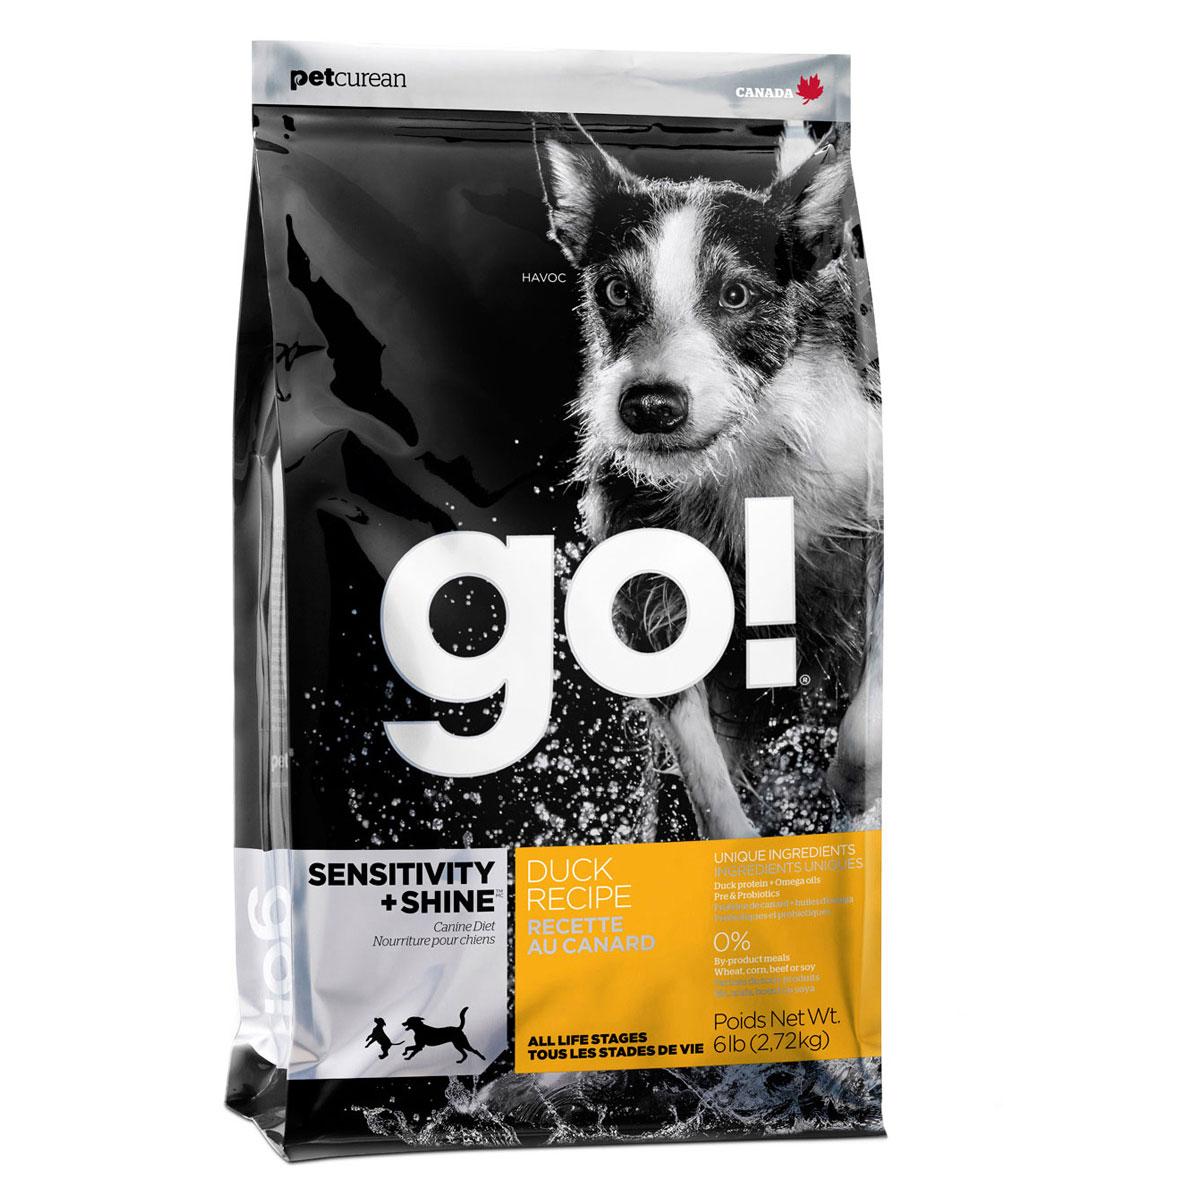 Корм сухой GO! Sensitivity + Shine для щенков и собак, с цельной уткой и овсянкой, 2,72 кг0120710Сухой корм GO! - полностью сбалансированный холистик корм из цельной утки и овсянки. Утка - единственный источник белка, что идеально подходит собакам с чувствительным пищеварением, склонным к аллергиям, и собакам с длинной роскошной шерстью. Ключевые преимущества: - не содержит ГМО, гормонов, субпродуктов, красителей, искусственных консервантов, - не содержит говядины, пшеницы, кукурузы, сои, - пробиотики и пребиотики обеспечивают здоровое пищеварение, - омега-масла в составе необходимы для здоровой кожи и шерсти, - антиоксиданты укрепляют иммунную систему, - сложные углеводы - отличный источник энергии. Состав: свежее мясо утки, овсяные хлопья, картофель, цельный овес, филе утки, рапсовое масло (кисточник витамина E), яблоки, натуральный ароматизатор, семена льна, лебеда, зерна камута, карбонат кальция, хлорид калия, хлорид натрия, сушеные водоросли, витамины (витамин А, витамин D3, витамин Е, инозитол, ниацин, L-аскорбил-2-полифосфатов (источник витамина С), D-пантотенат кальция, мононитрат тиамина, бета-каротин, рибофлавин, пиридоксин гидрохлорид, фолиевая кислота , биотин, витамин В12), минералы (цинк метионин комплекс, протеинат цинка, протеинат железа, протеинат меди, оксид цинка, протеинат марганца, сульфат меди, сульфат железа, йодат кальция, оксид марганца, селена, дрожжи), корень цикория, L-лизин, Lactobacillus, Enterococcusfaecium, Aspergillus, экстракт Юкка Шидигера, сушеный розмарин.Гарантированный анализ: белки - 22%, жиры - 12%, клетчатка - 3,5%, влажность - 10%, кальций - 0,9%, фосфор - 0,65%, жирные кислоты Омега 6 - 1,8%, жирные кислоты Омега 3 - 0,36%, лактобактерии (Lactobacillus acidophilus, Enterococcus faecium) - 90000000 cfu/lb. Калорийность: 3649 ккал/кг. Вес: 2,72 кг. Товар сертифицирован.